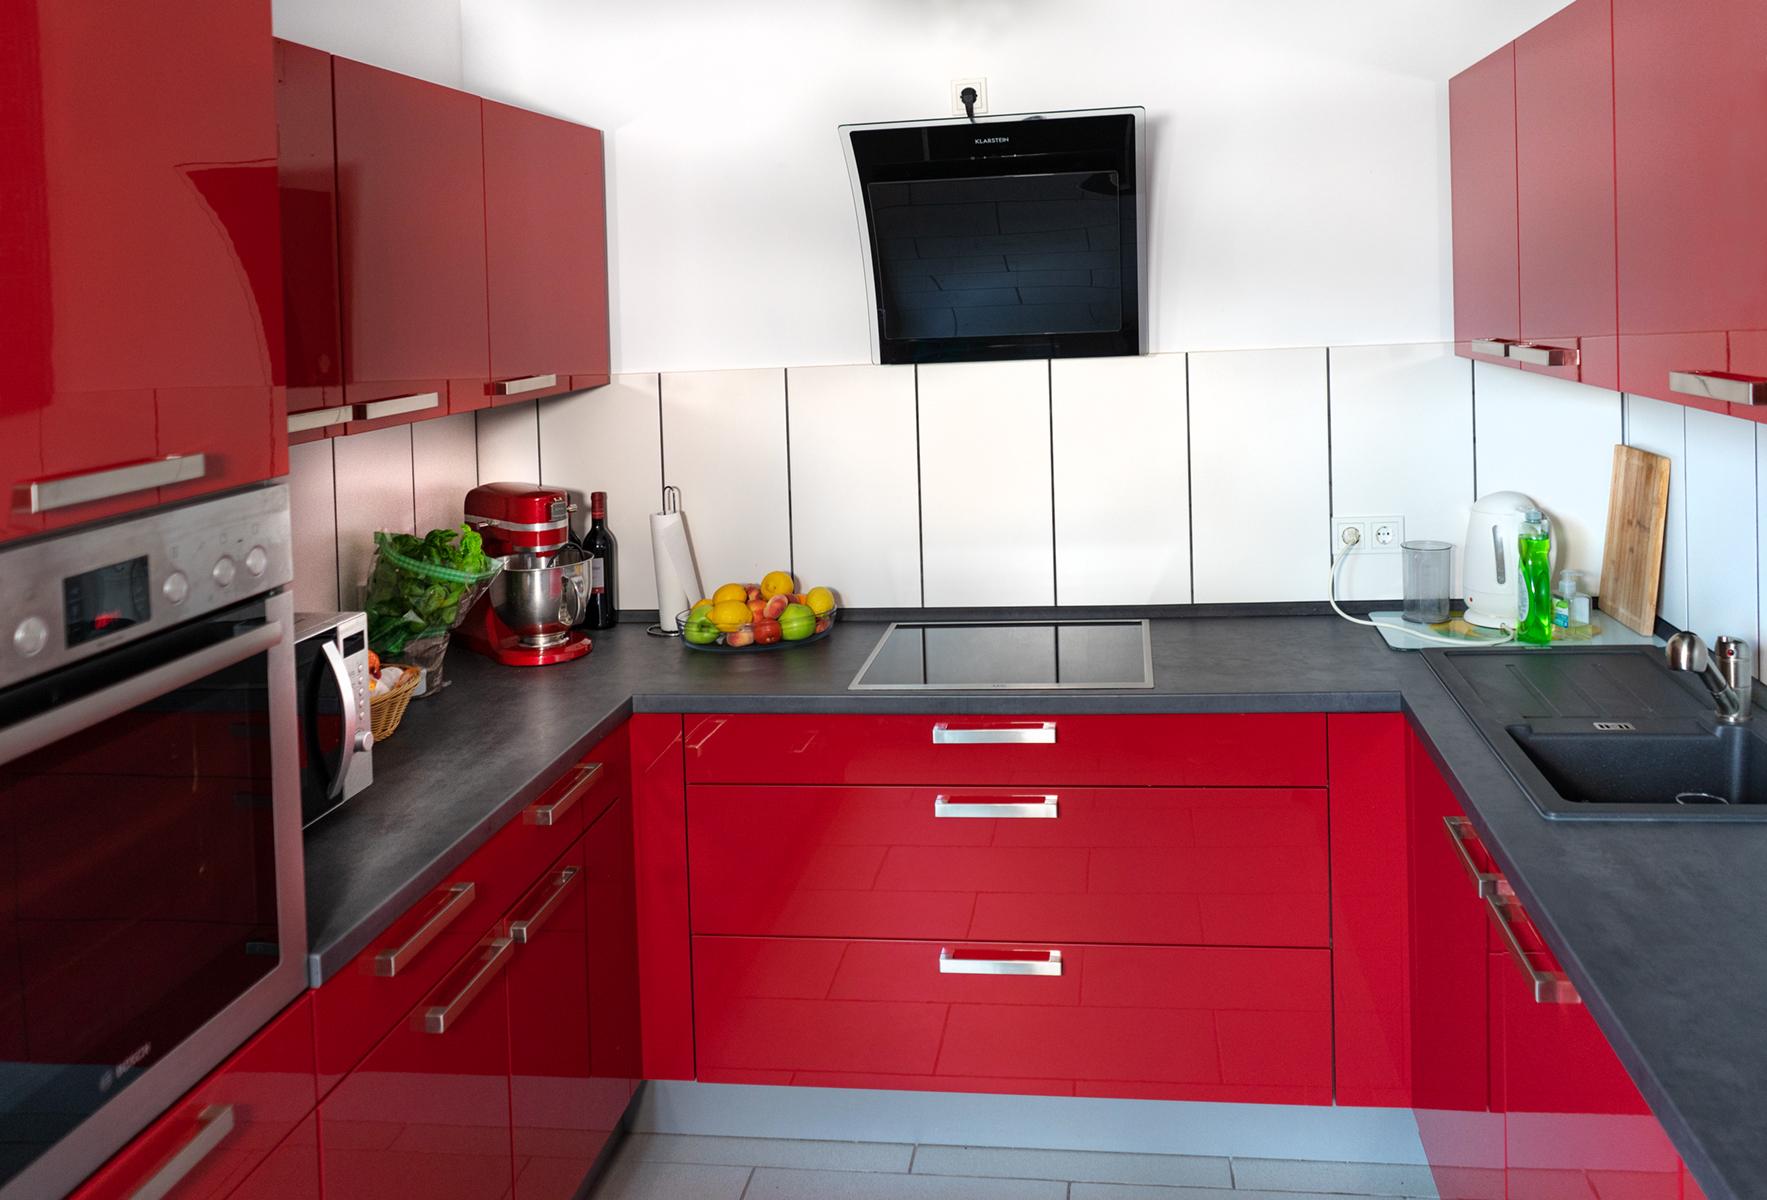 Kundenküche Dillingen: Rote U-Küche mit viel Stauraum — SAAR Küchen